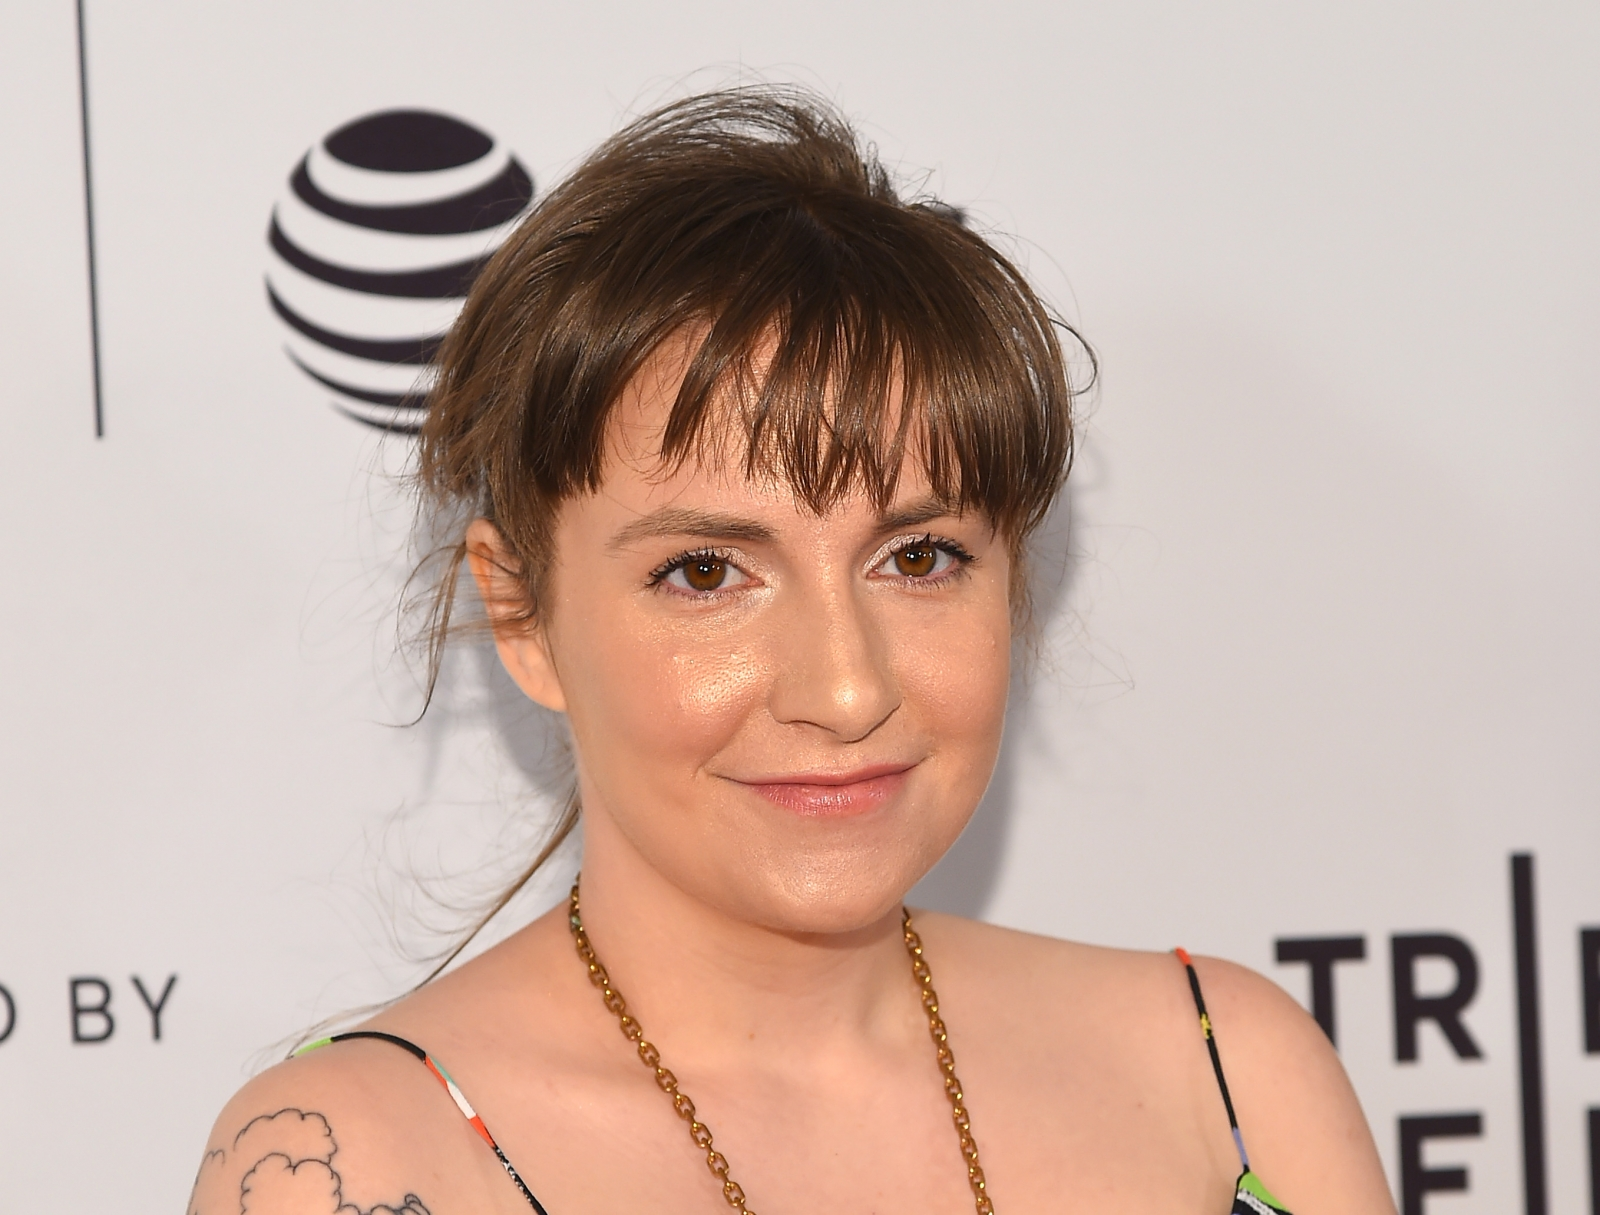 Lena Dunham